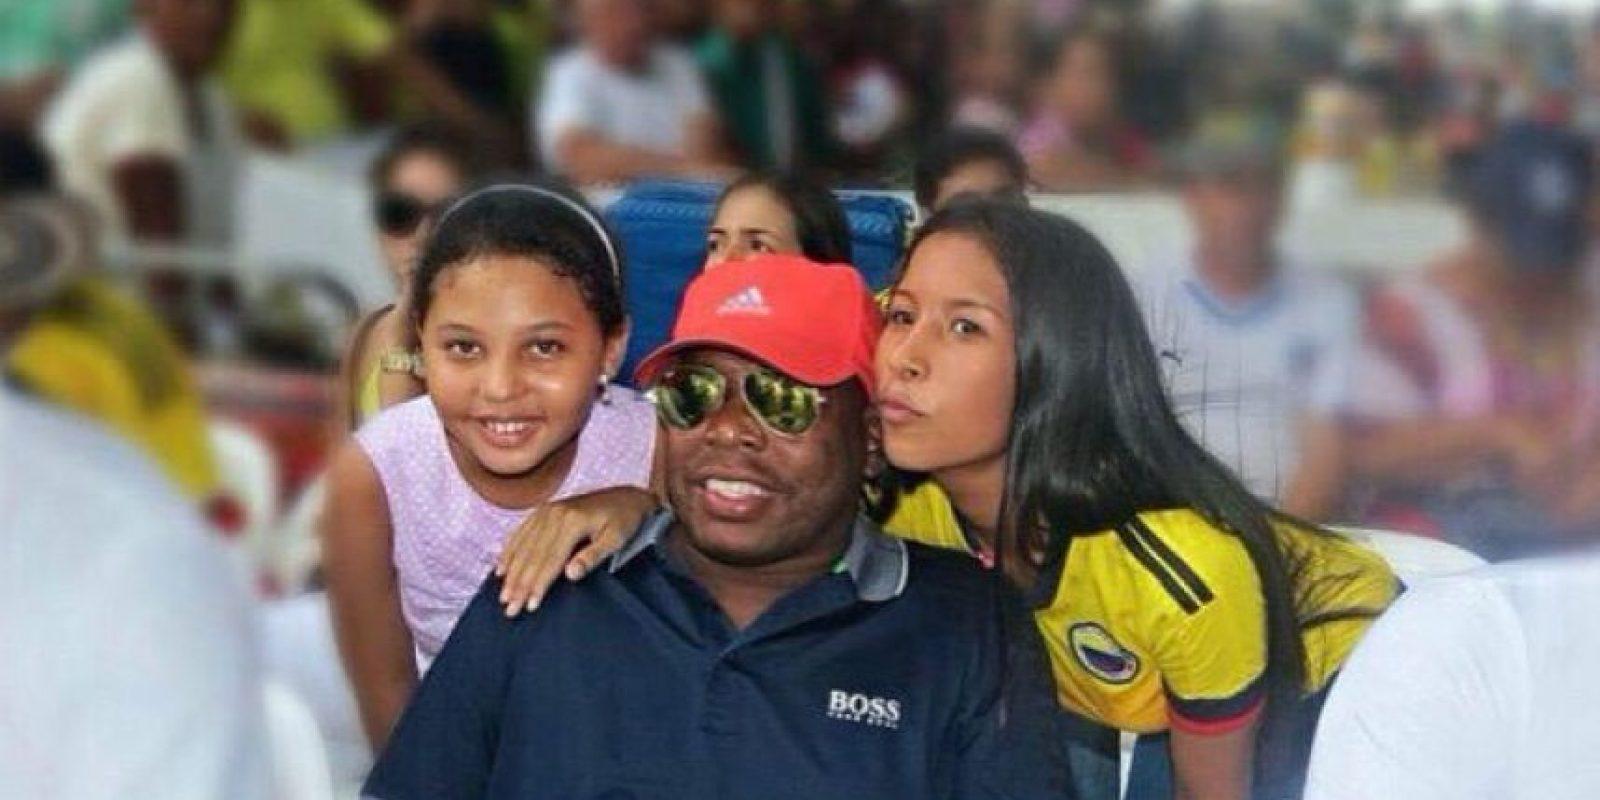 Asprilla es considerado uno de los mejores futbolistas de Colombia. Foto:Vía instagram.com/eltinoasprilla